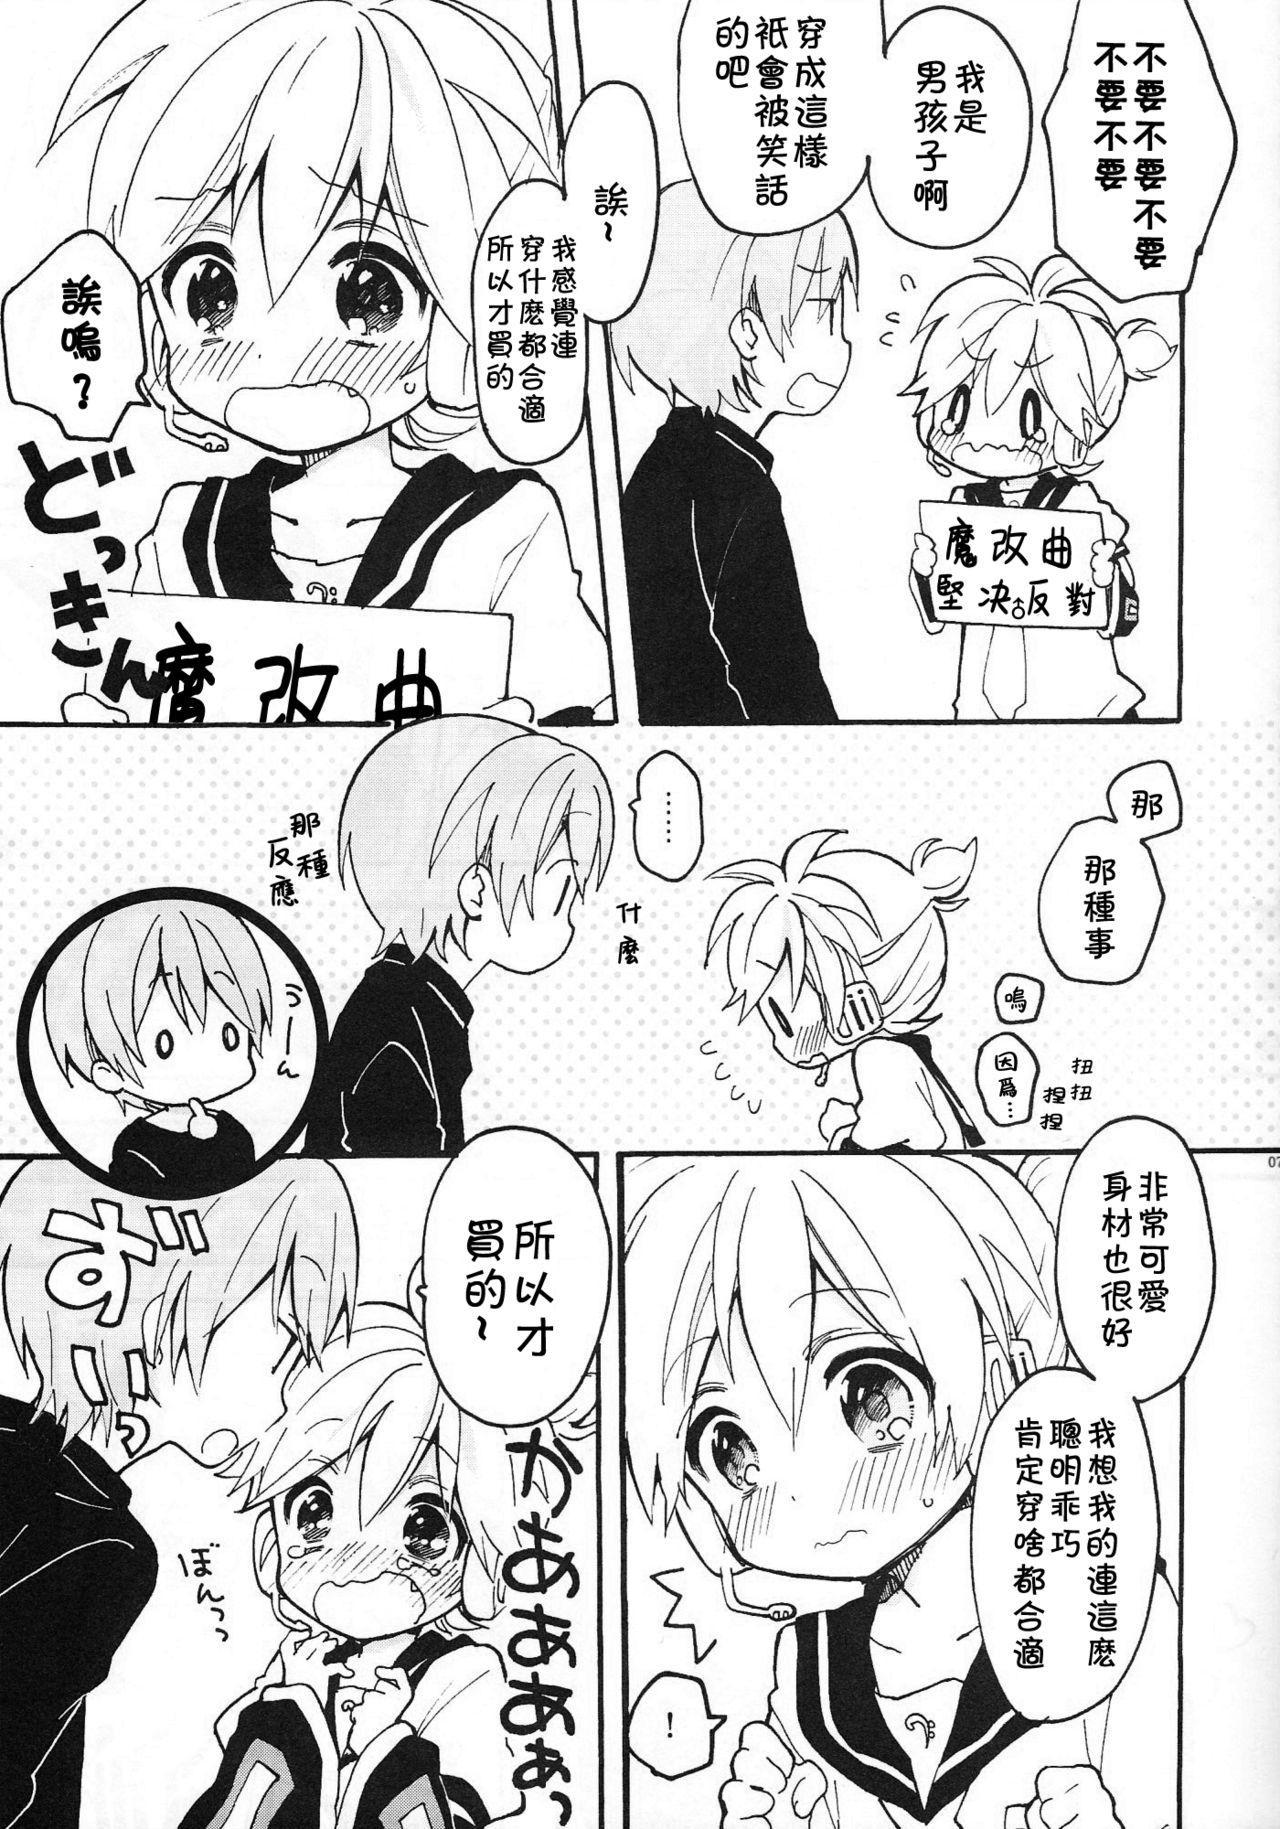 Len-kun to Asobou! 5